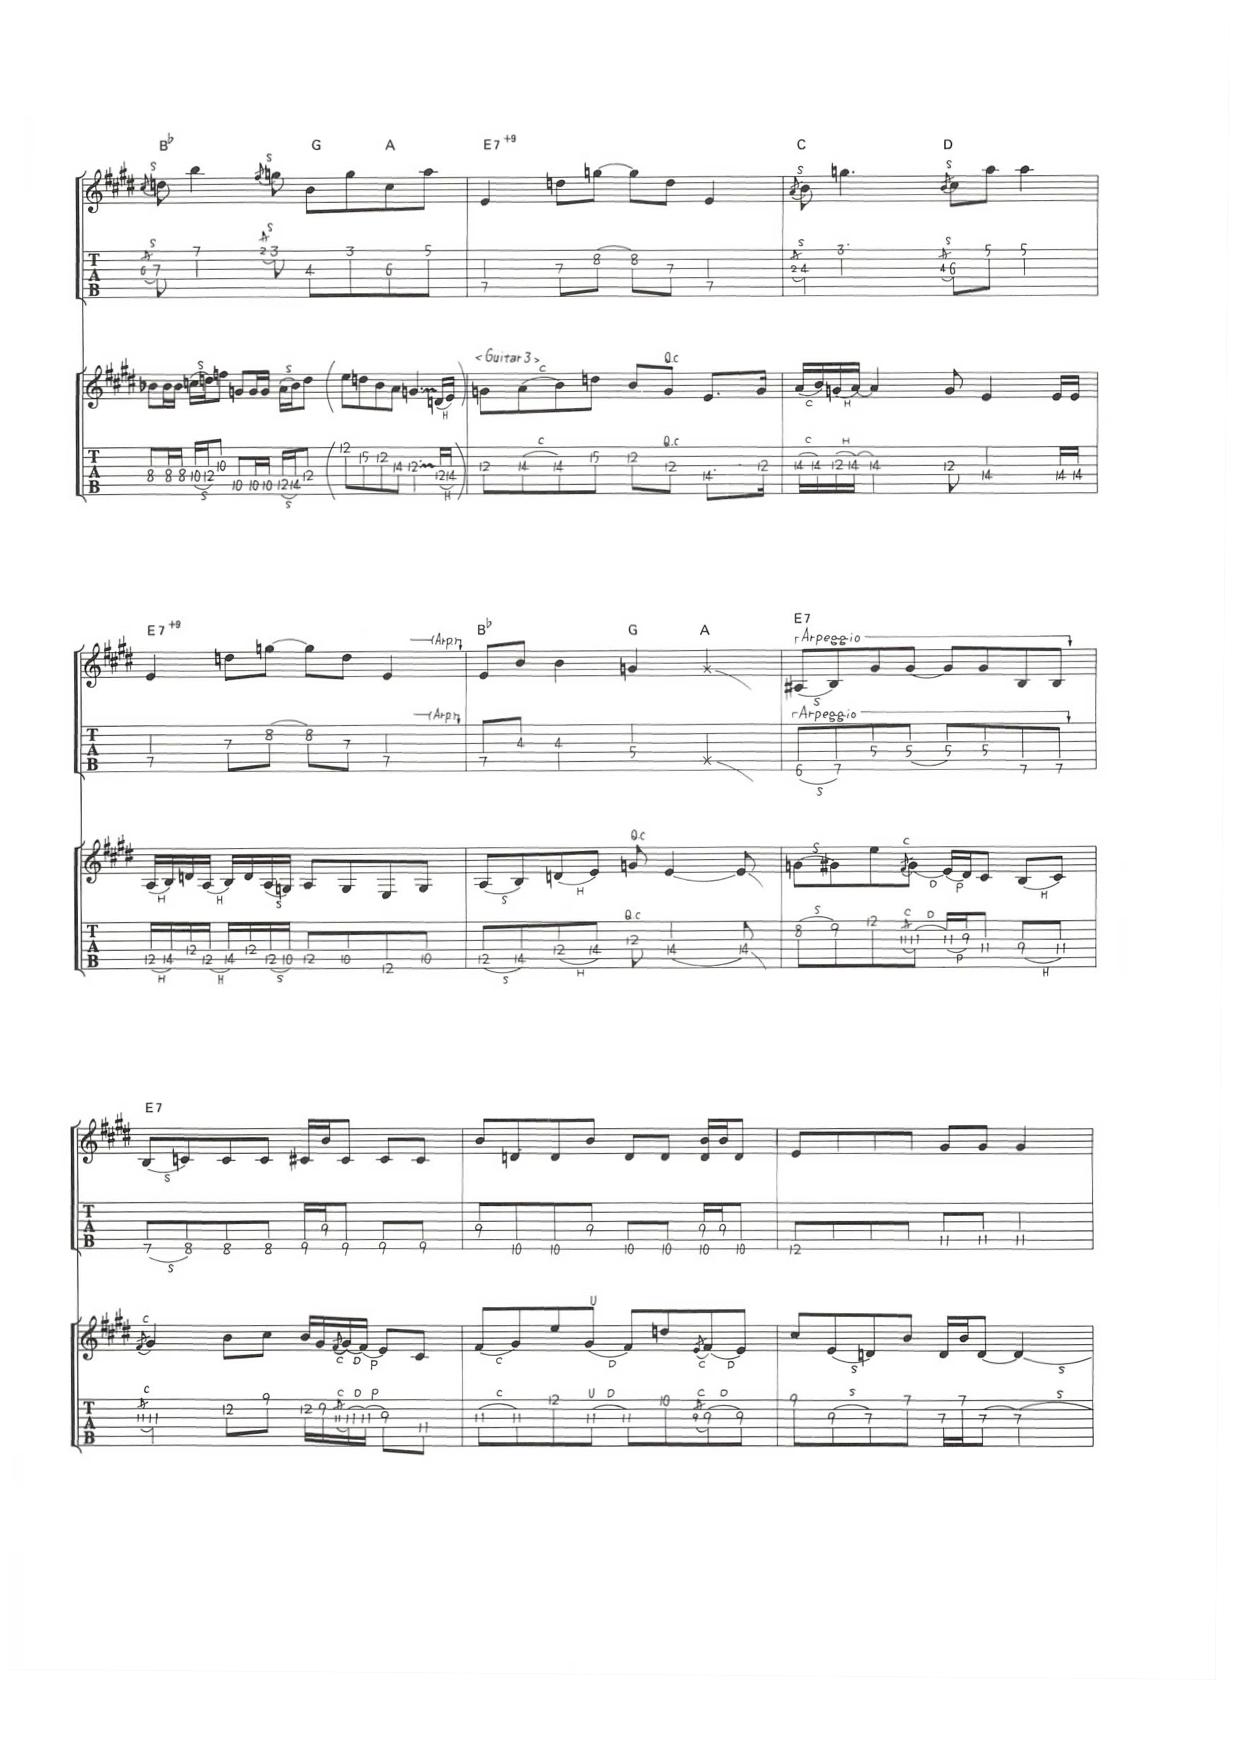 tab-score-sample-jpg